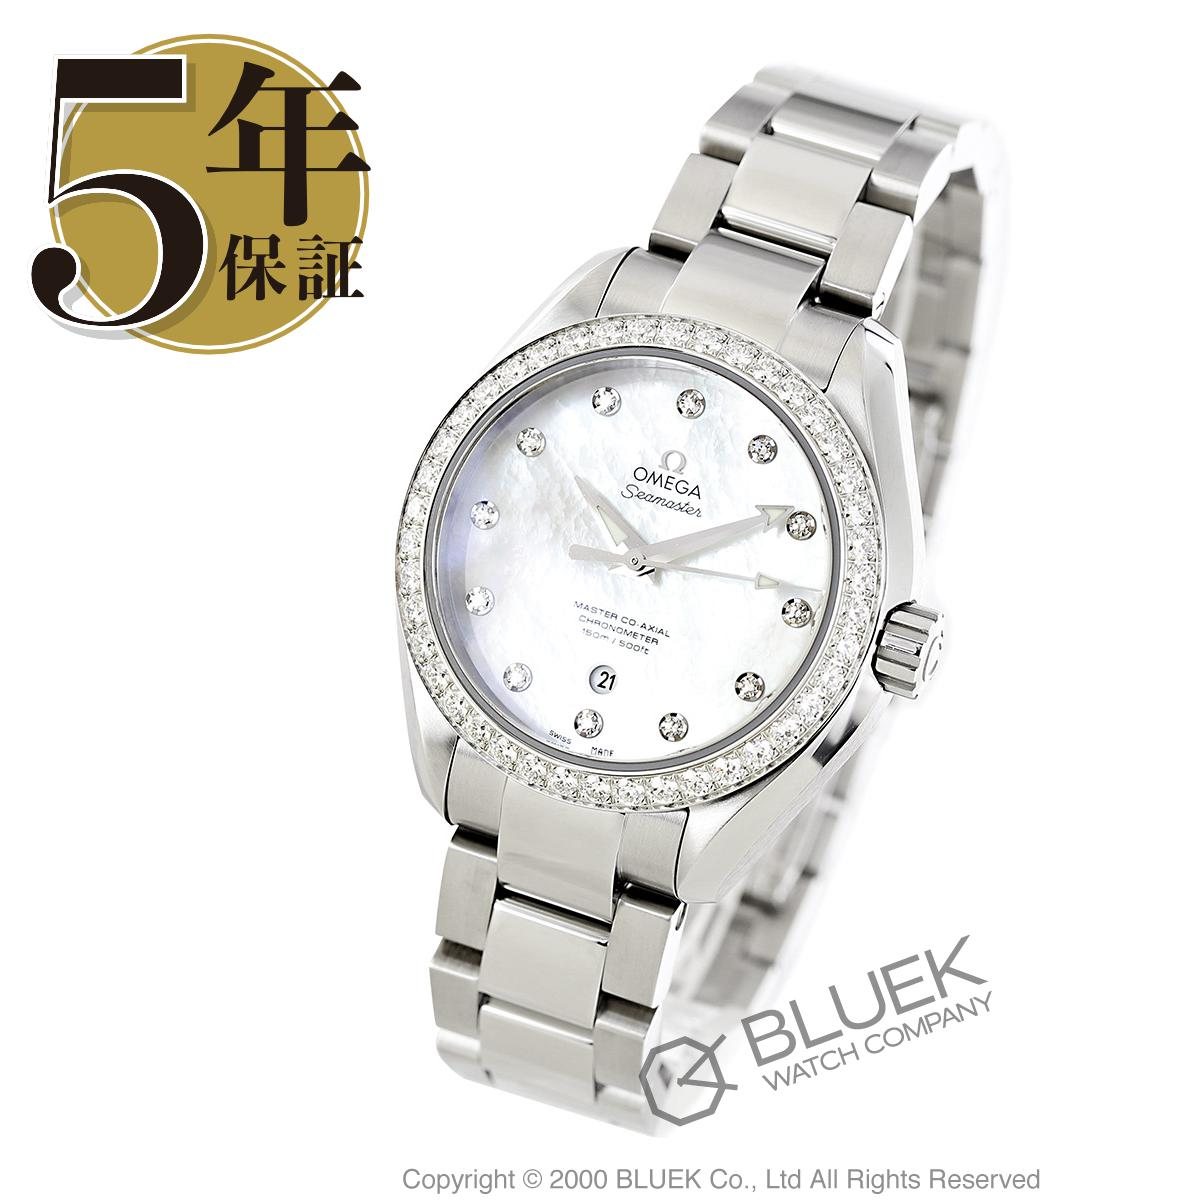 オメガ シーマスター アクアテラ ダイヤ 腕時計 レディース OMEGA 231.15.34.20.55.002_8